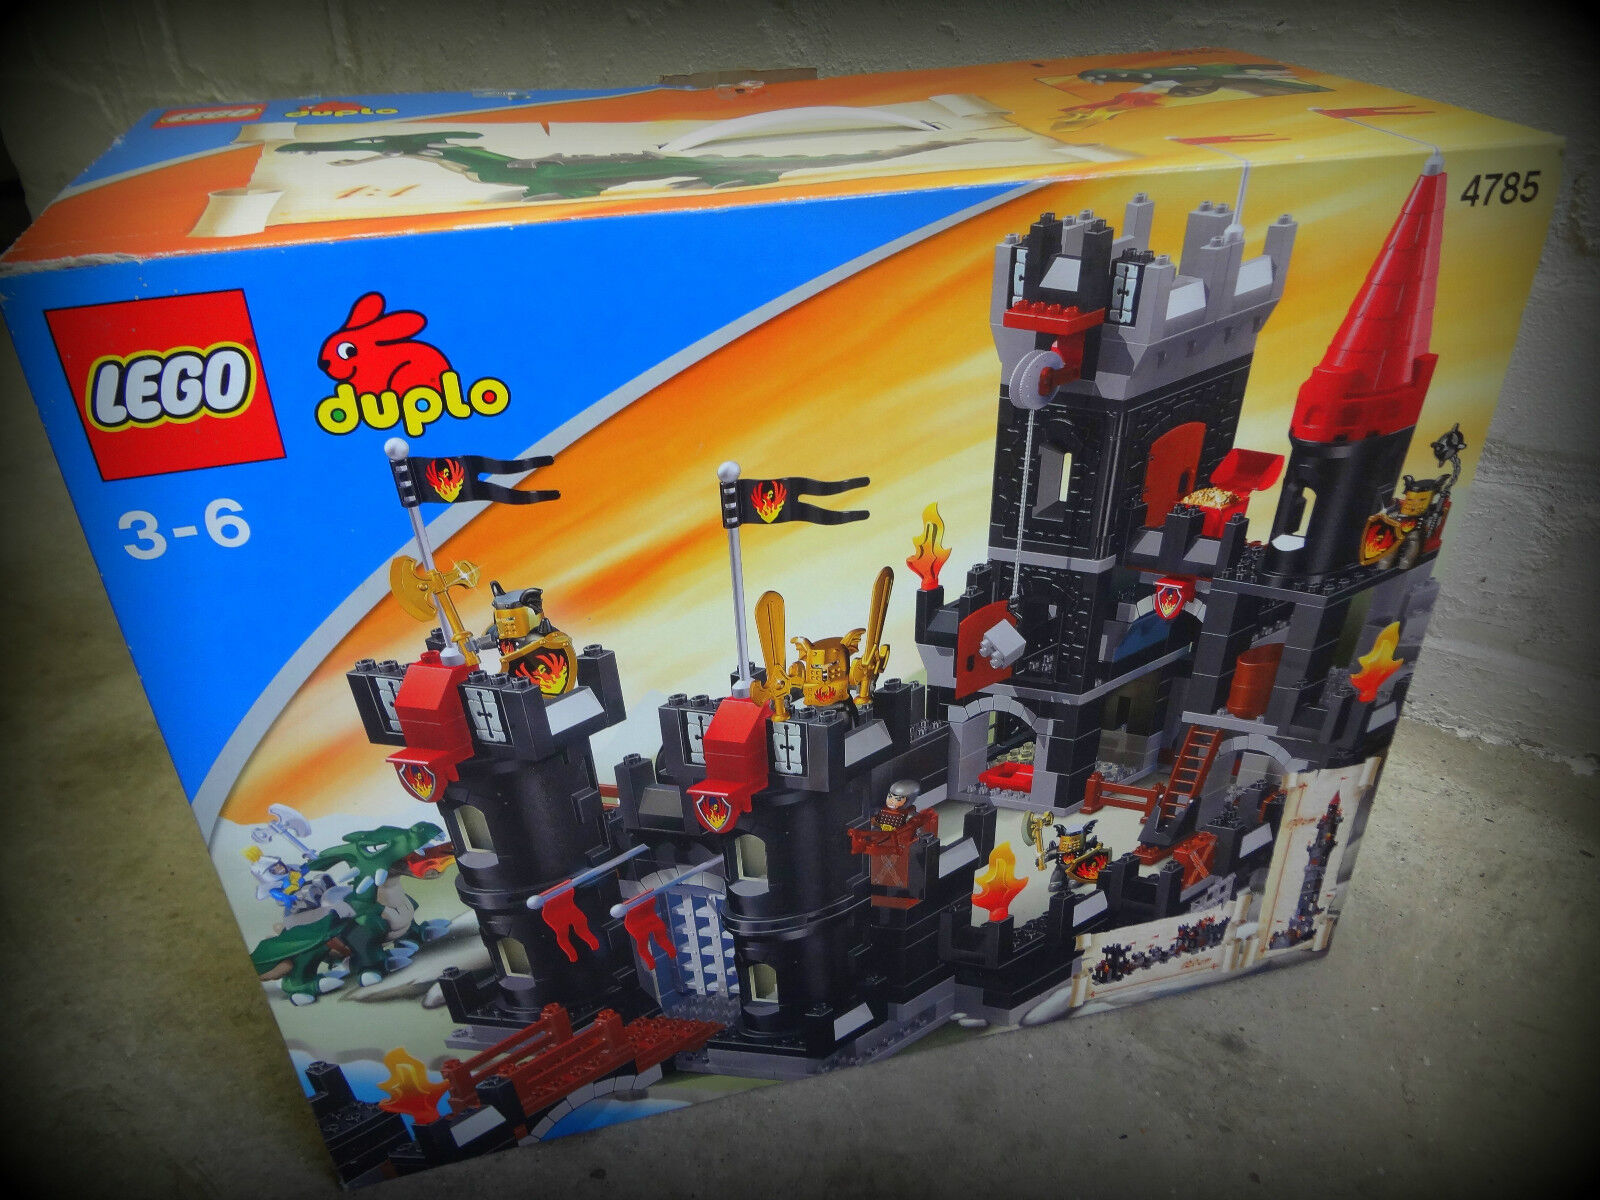 Lego Duplo Schwarze Ritterfestung  4785 - RITTERBURG- MIT OVP- sehr gut erhalten